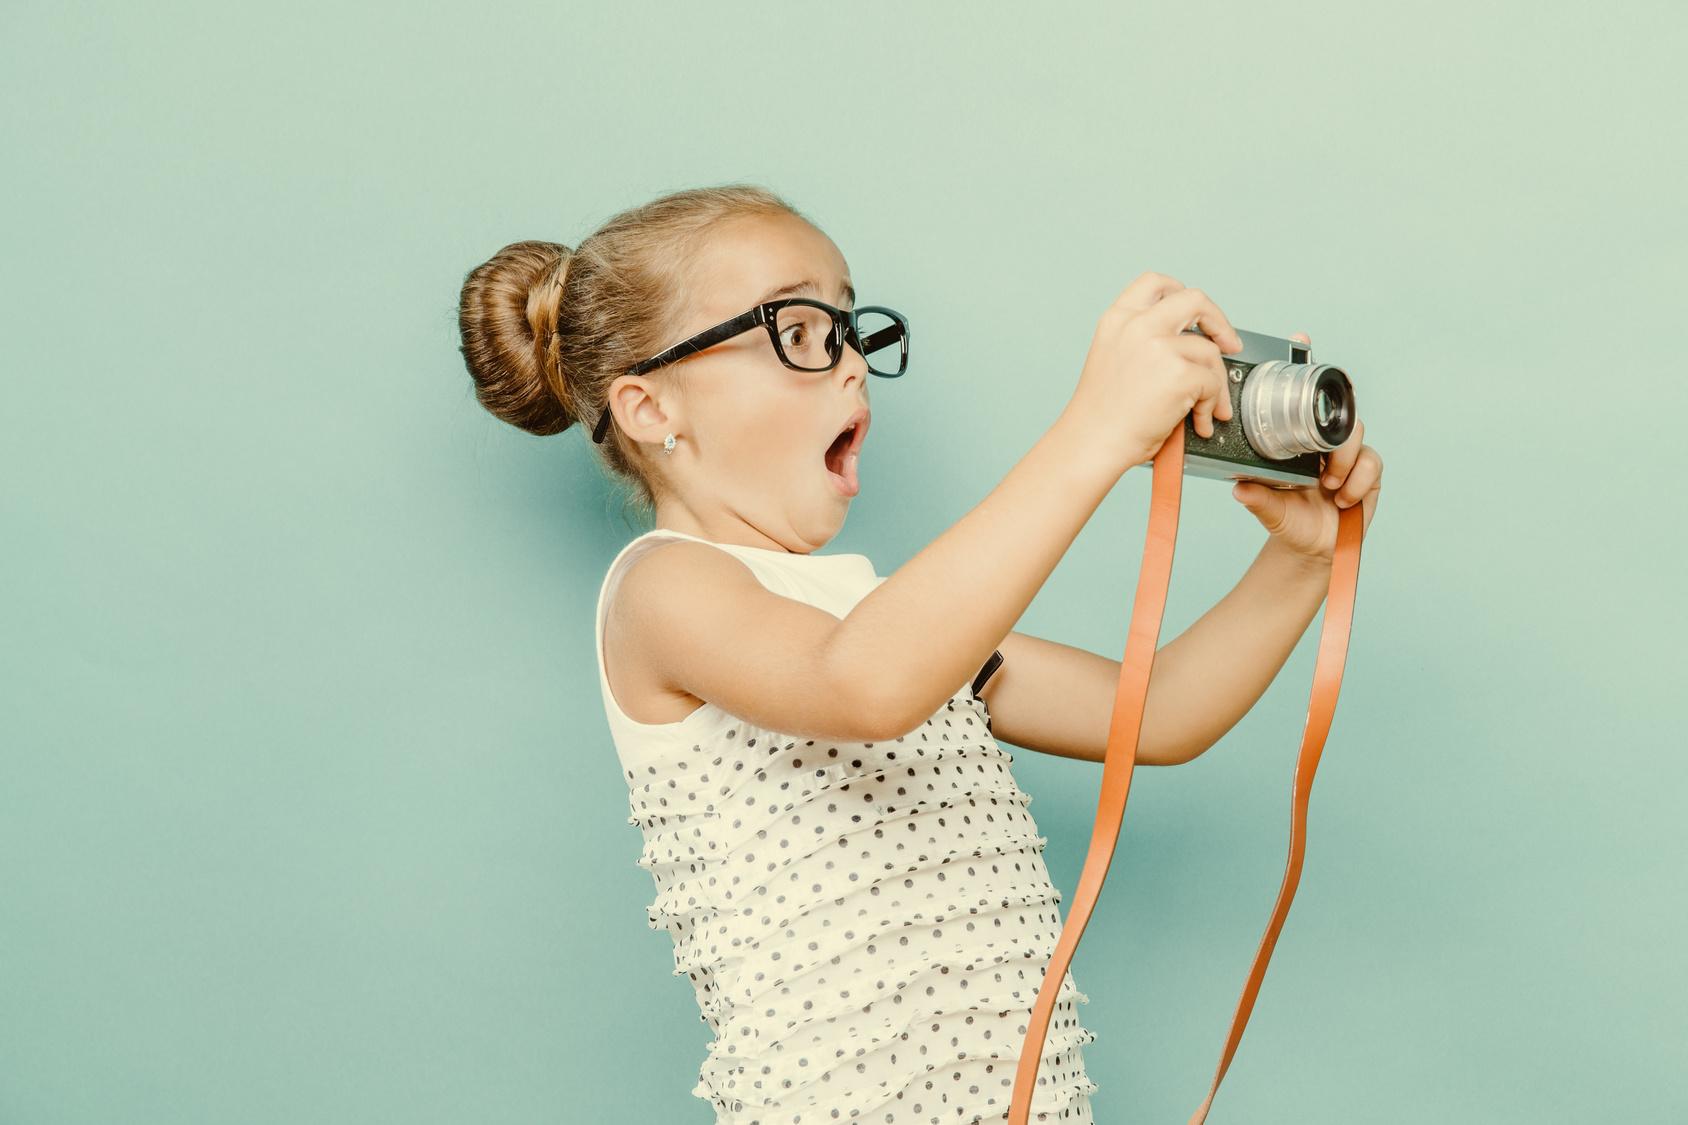 Mädchen macht Fotos